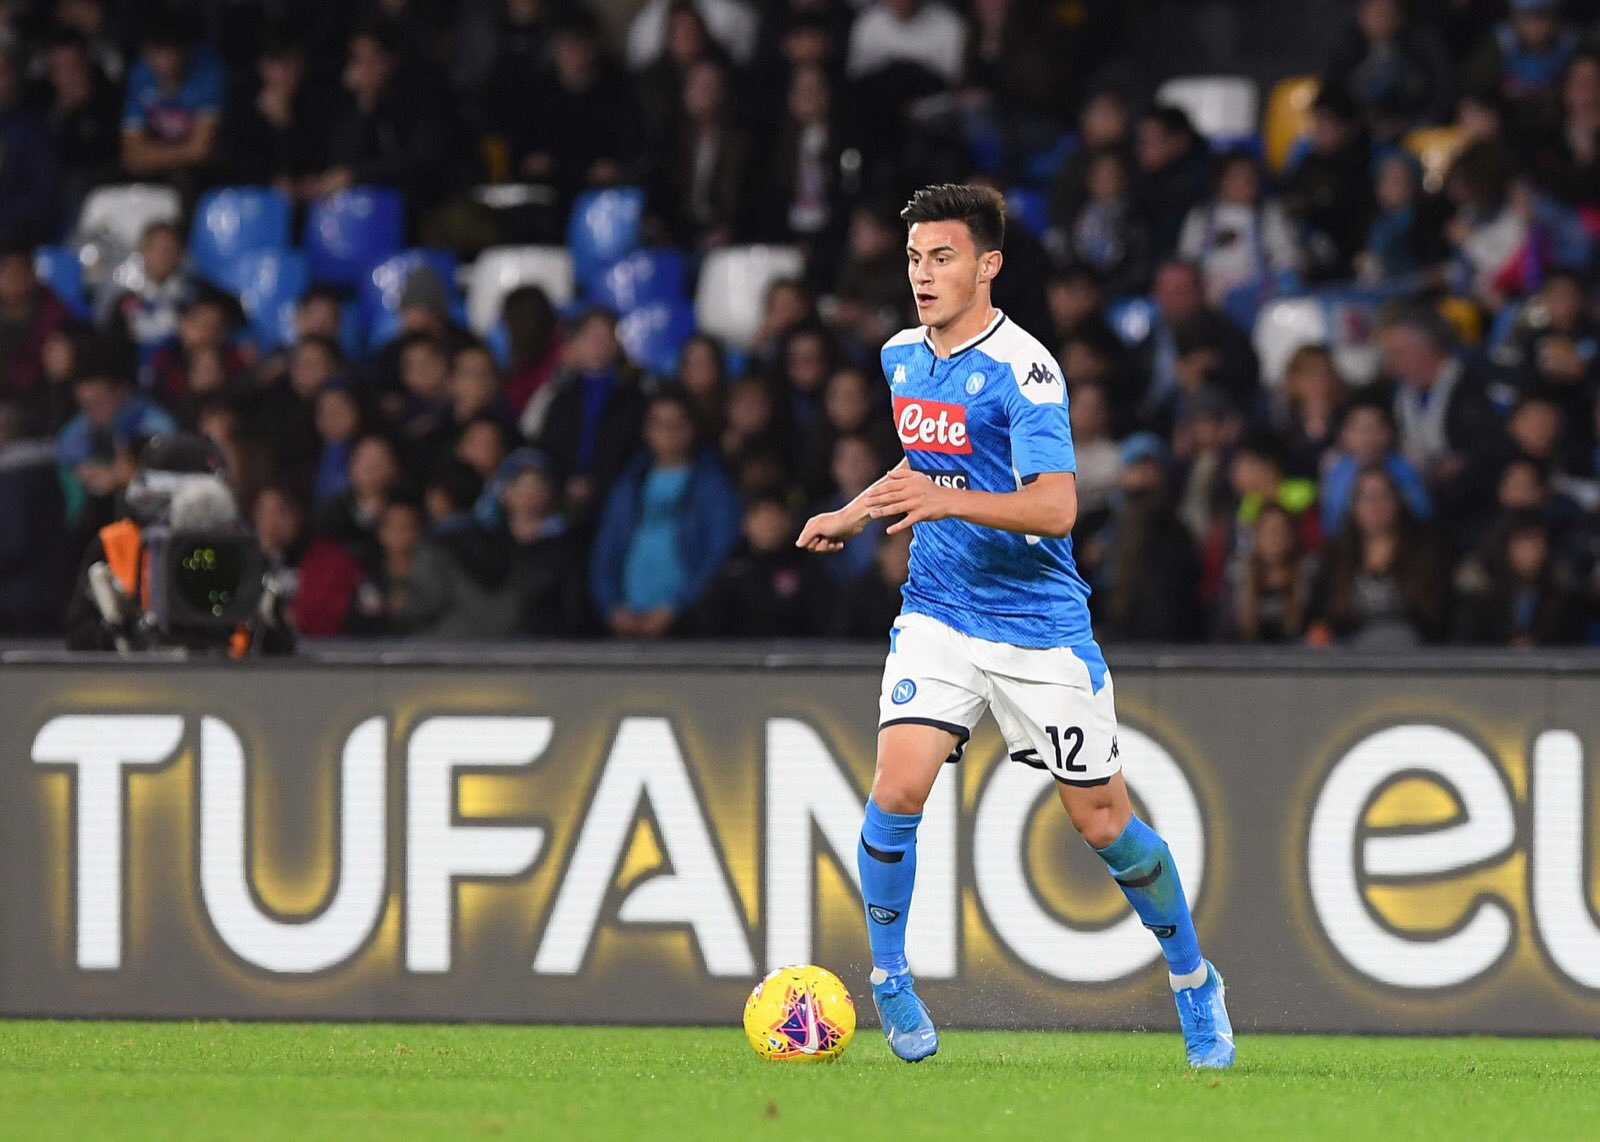 Barcellona-Napoli, in caso di forfait di Insigne, Elmas titolare, Lozano subentrerà dalla panchina